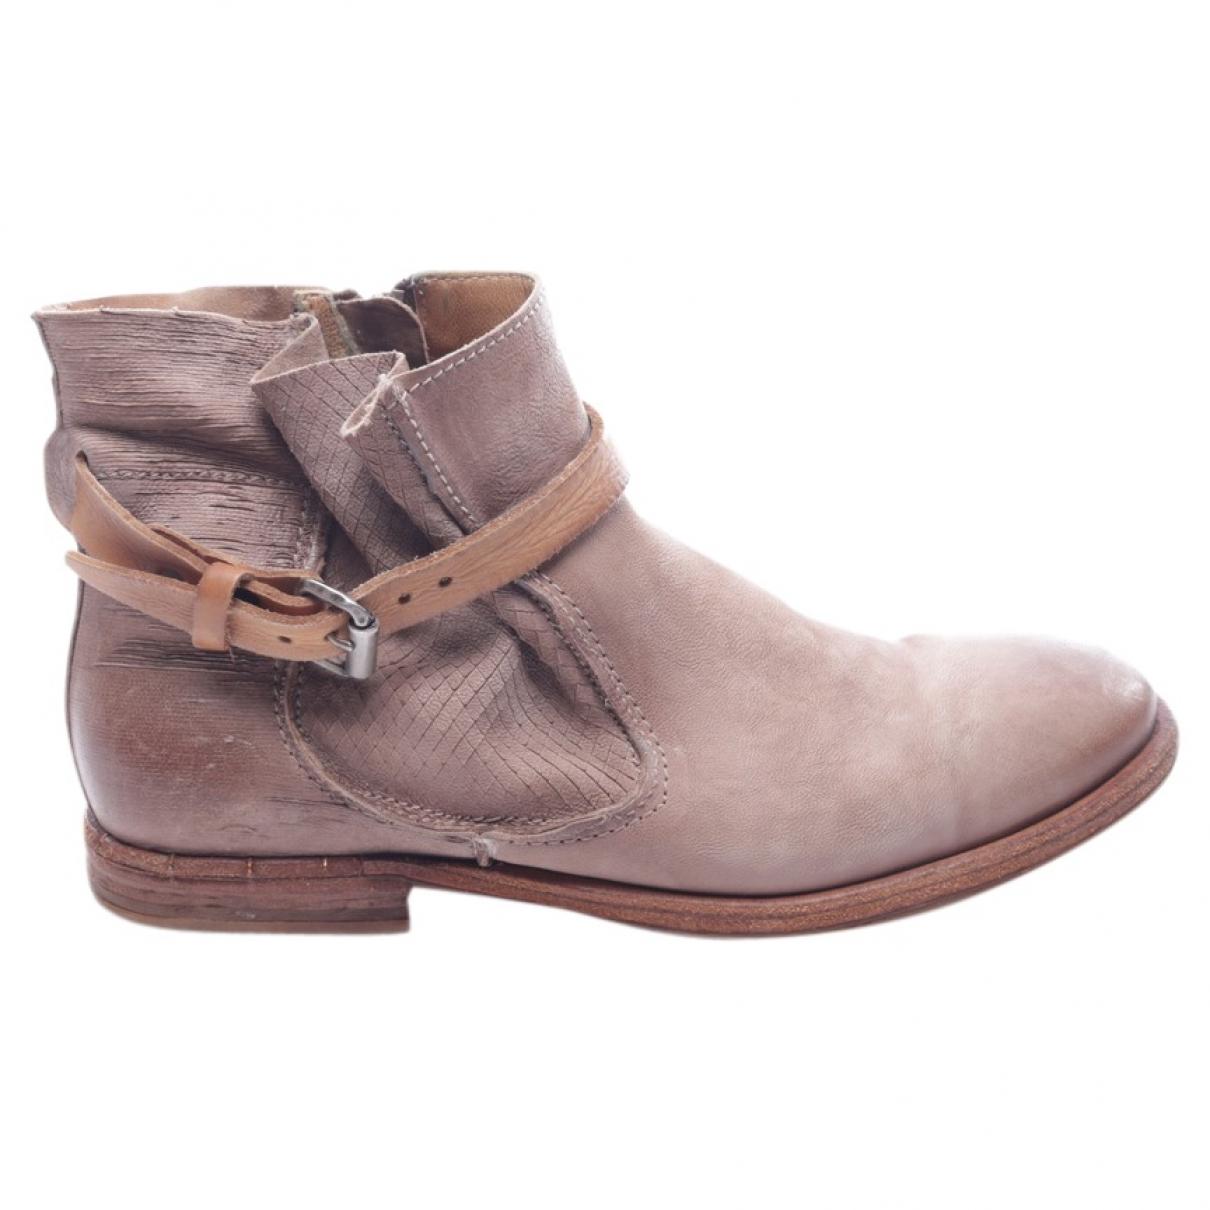 A.s.98 - Boots   pour femme en cuir - marron